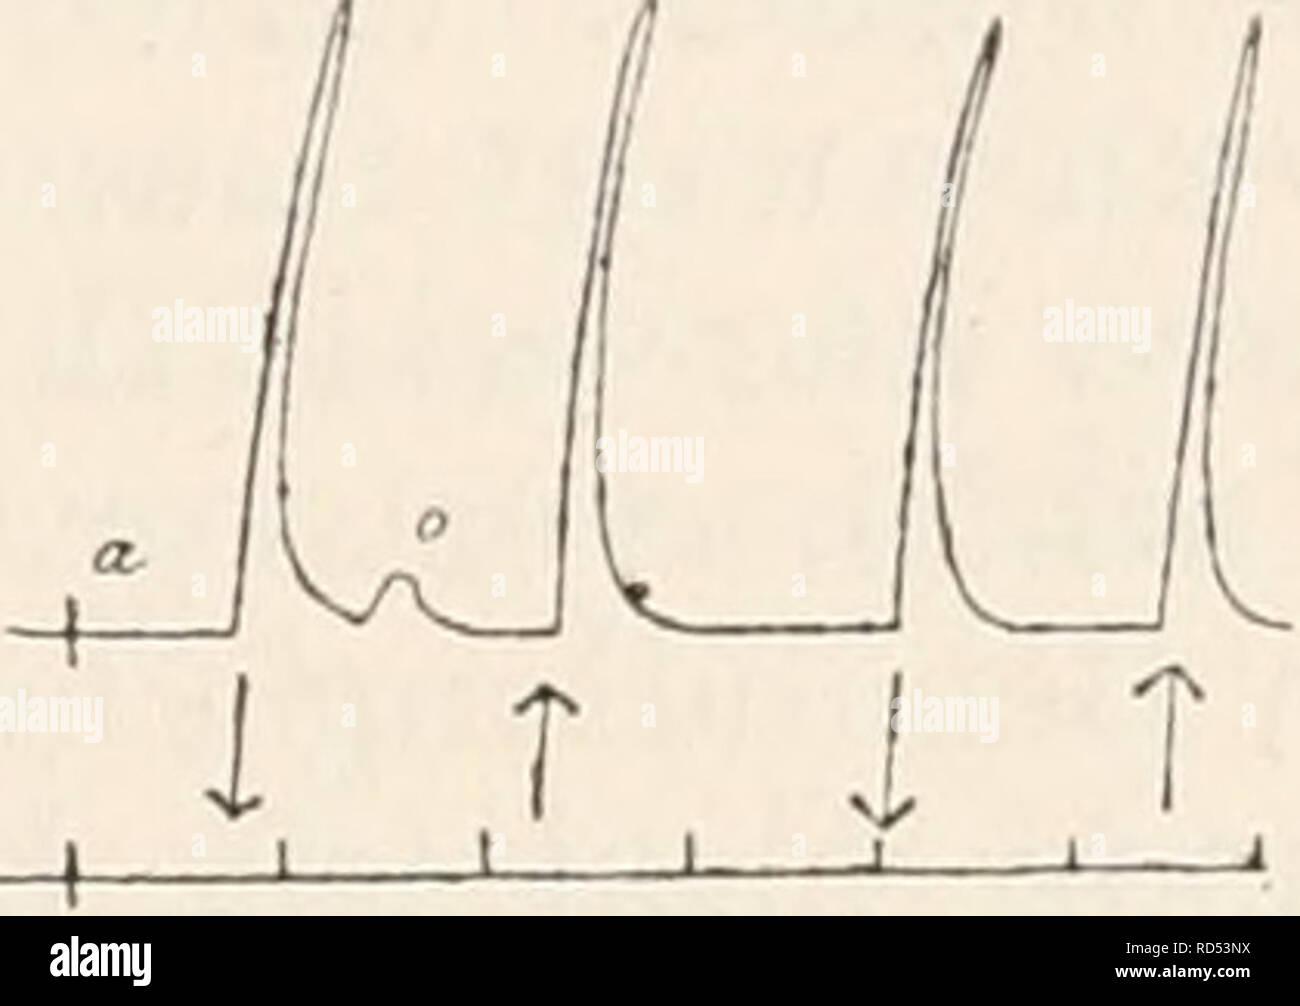 """. Elektrophysiologie. . i T 1 T I T Fig. 194. Nerv-Muskelpräparat vom Frosch. Ein schwacher aufsteigend oder absteigend gerichteter Strom löst bei beliebiger Lage der Elektroden nur Schliessungszuckung aus (b). Nach 5 Min. dauerndem Eintauchen des Nerven in 1 """"/o KNOg-Lösung er- scheint die Erregbarkeit herabgesetzt. Gleichwohl löst derselbe Strom an allen Punkten der veränderten Nerveustrecke auch Oetfiiungszuckungen von gleicher Höhe wie die Schliessungszuckungen aus (c, d). Durch Auslaugen mit physiologischer Koch- salzlösung (15 Min.) lässt sich die Oeflfnungszuckung wieder beseitigen Stock Photo"""